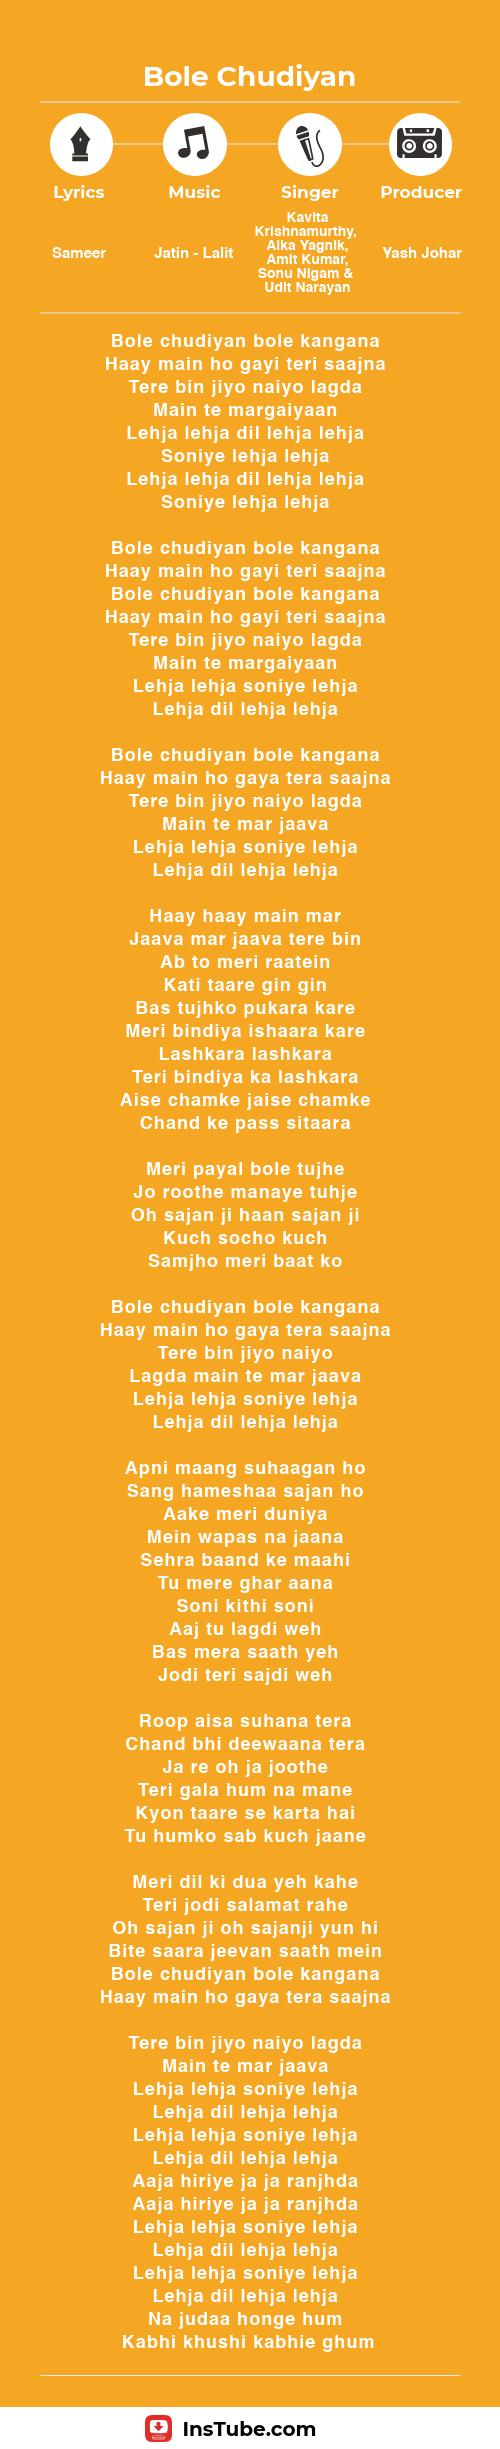 InsTube Kabhi Khushi Kabhi Gham… Bole Chudiyan Iyrics